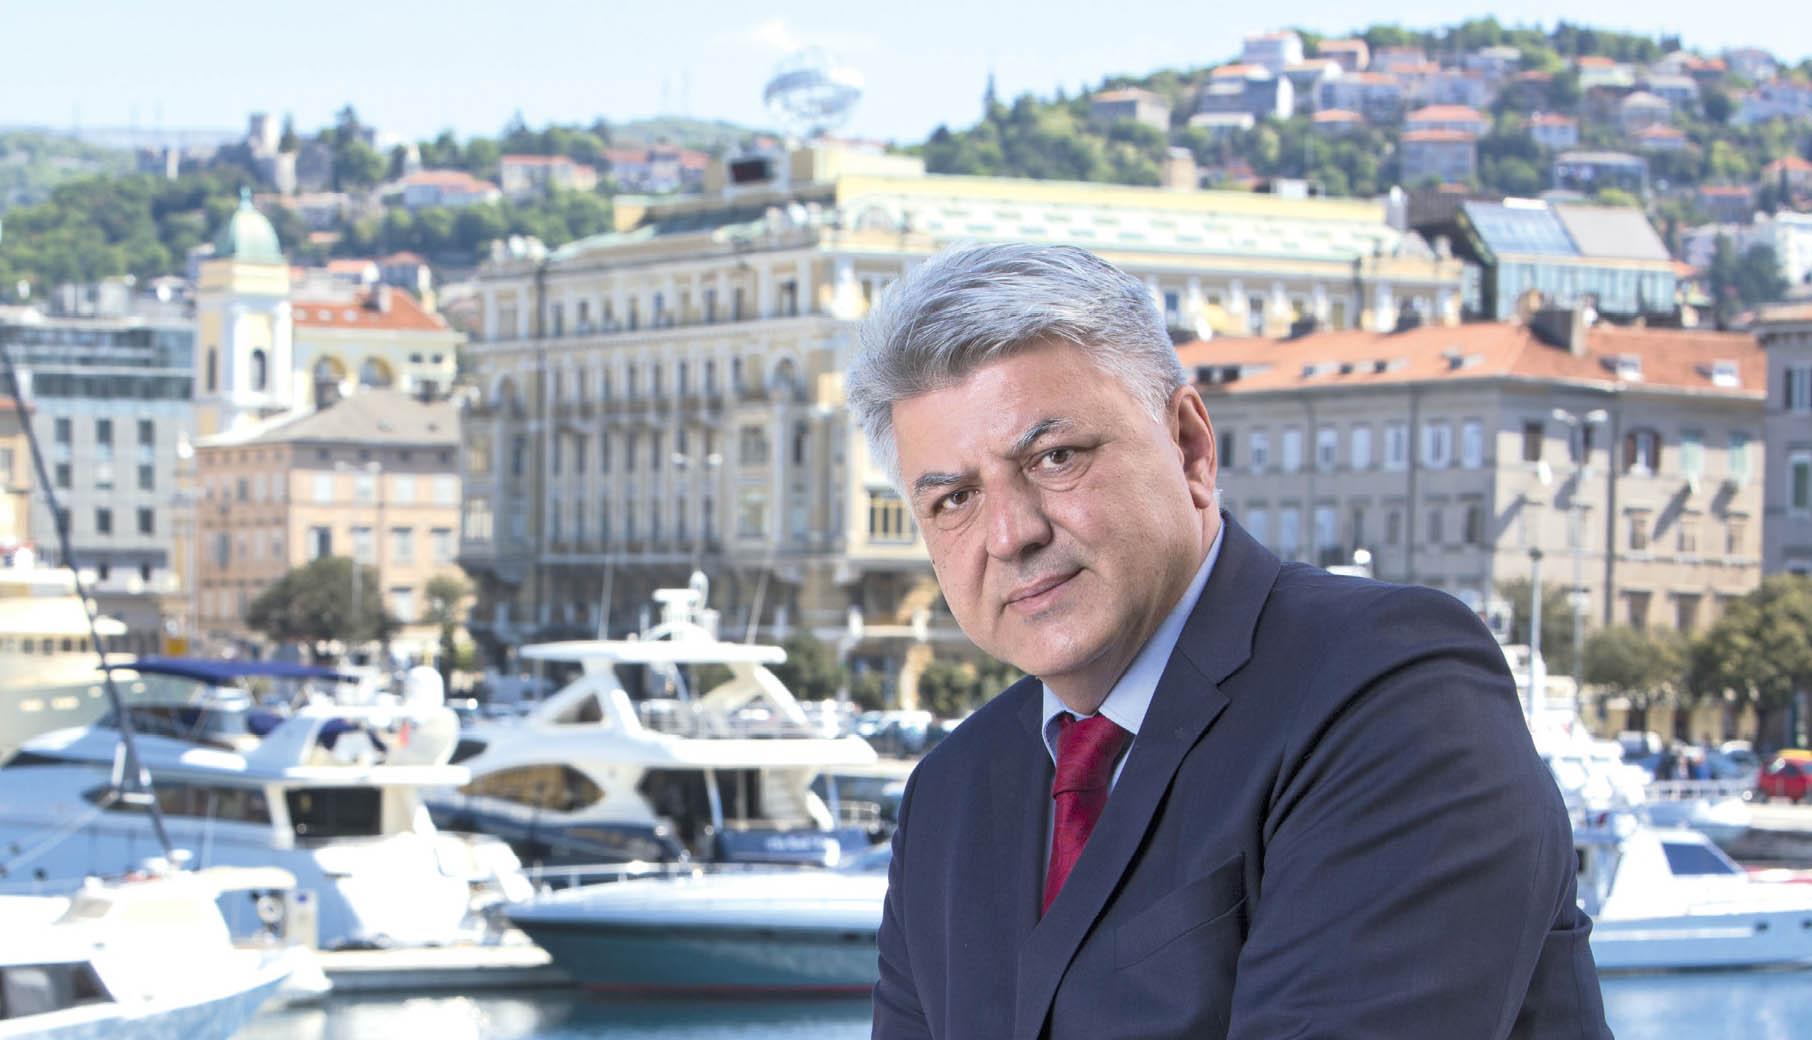 INTERVJU Zlatko Komadina: 'PLENKOVIĆ JE BLEFER. Uporno je branio Zdravka Marića jer je to bilo pitane njegova egotripa'